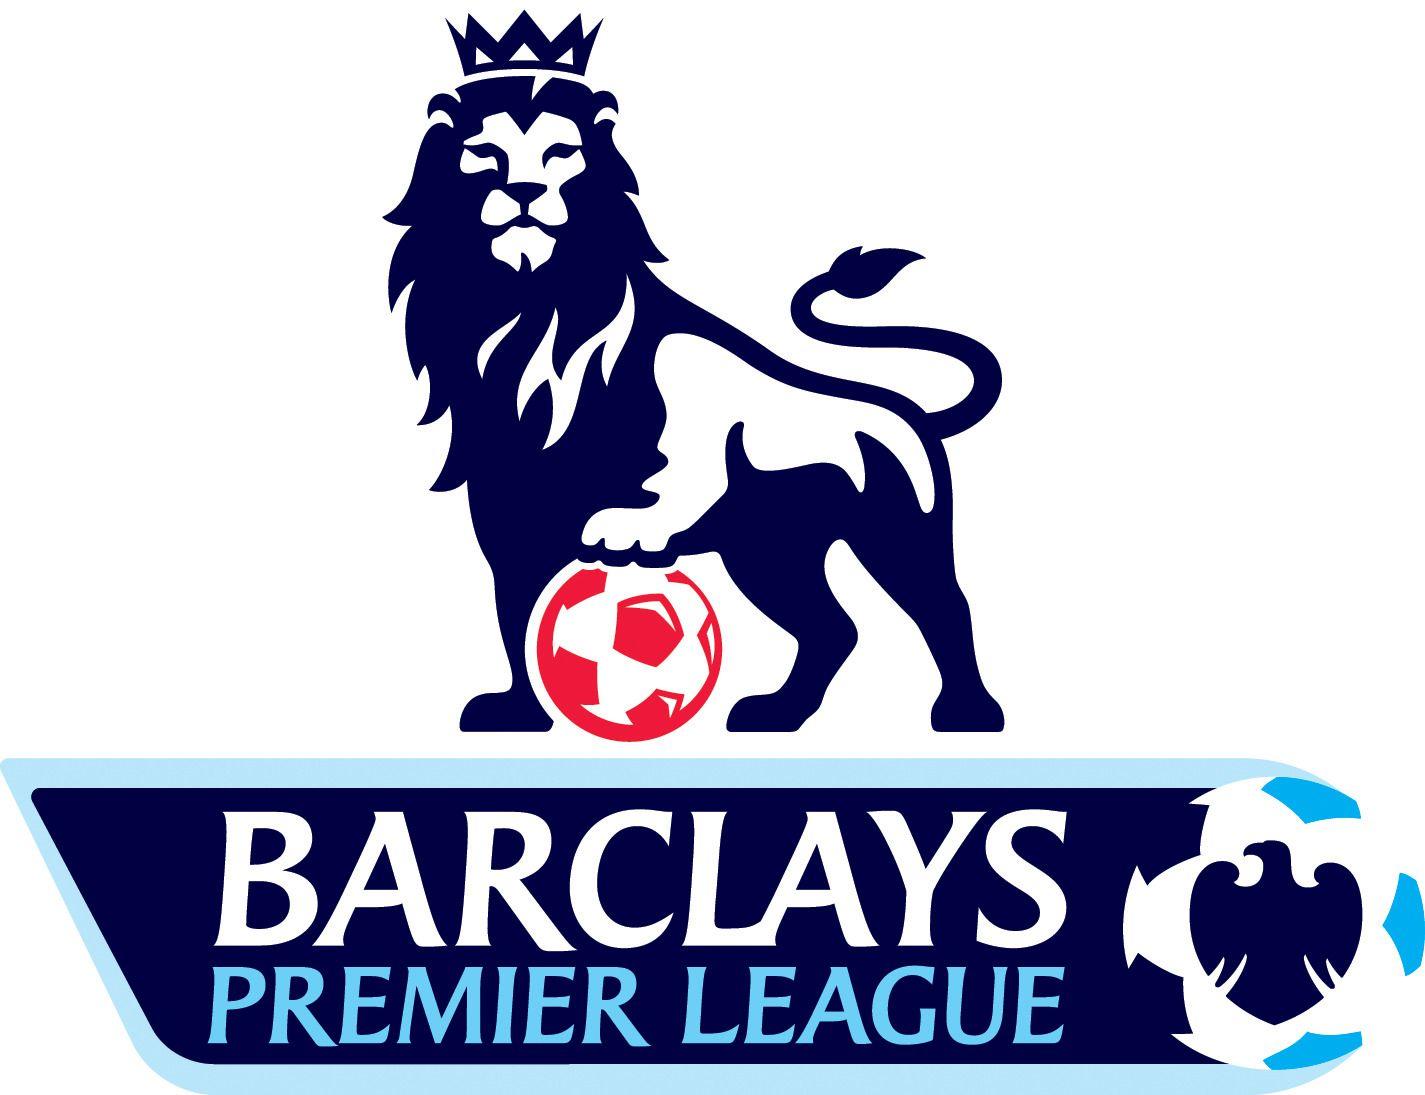 Barclays Premier League | Barclay premier league, Premier league logo, Premier  league